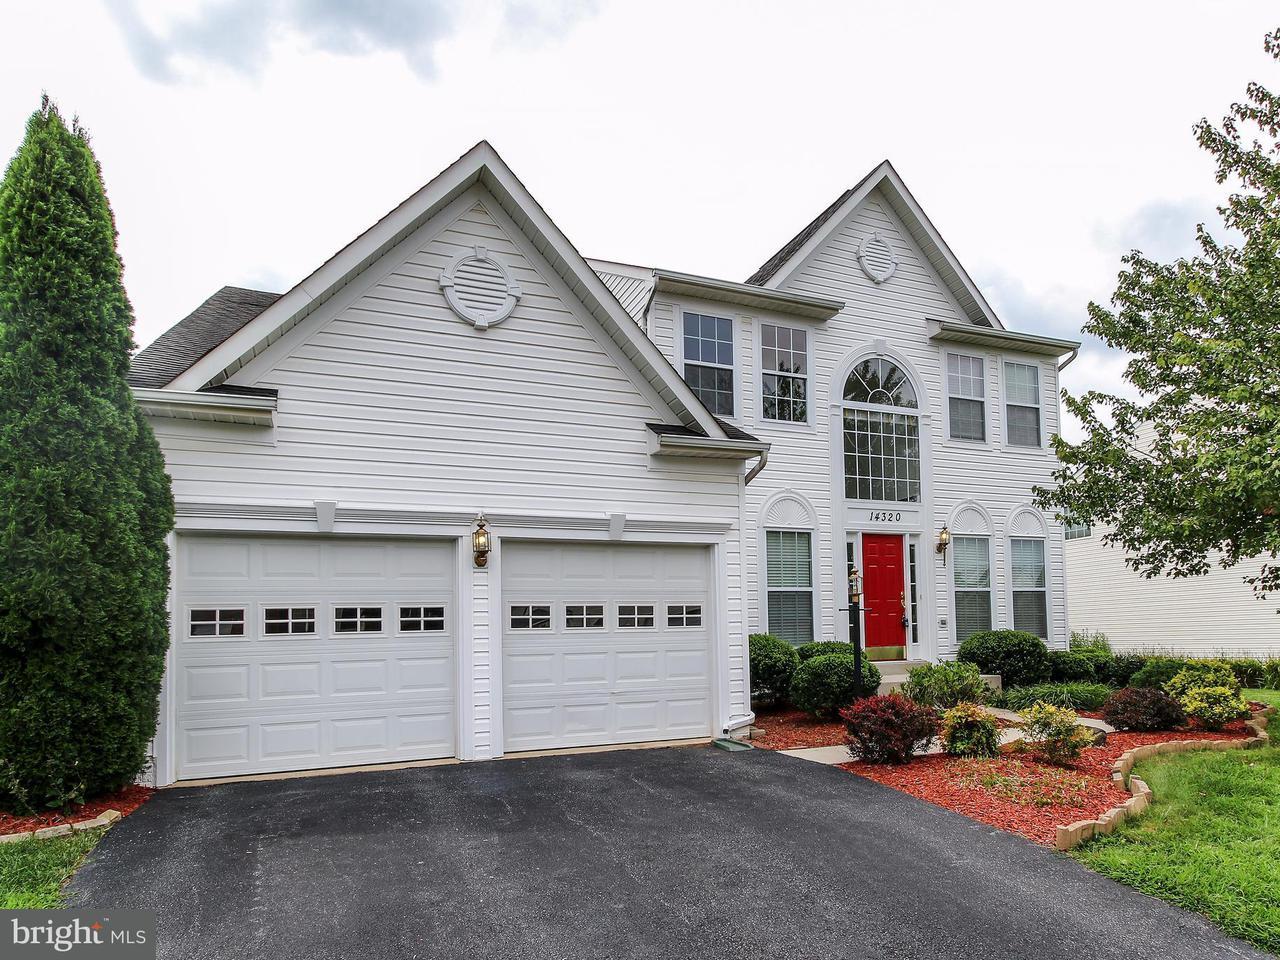 Частный односемейный дом для того Продажа на 14320 HARVEST MOON Road 14320 HARVEST MOON Road Boyds, Мэриленд 20841 Соединенные Штаты